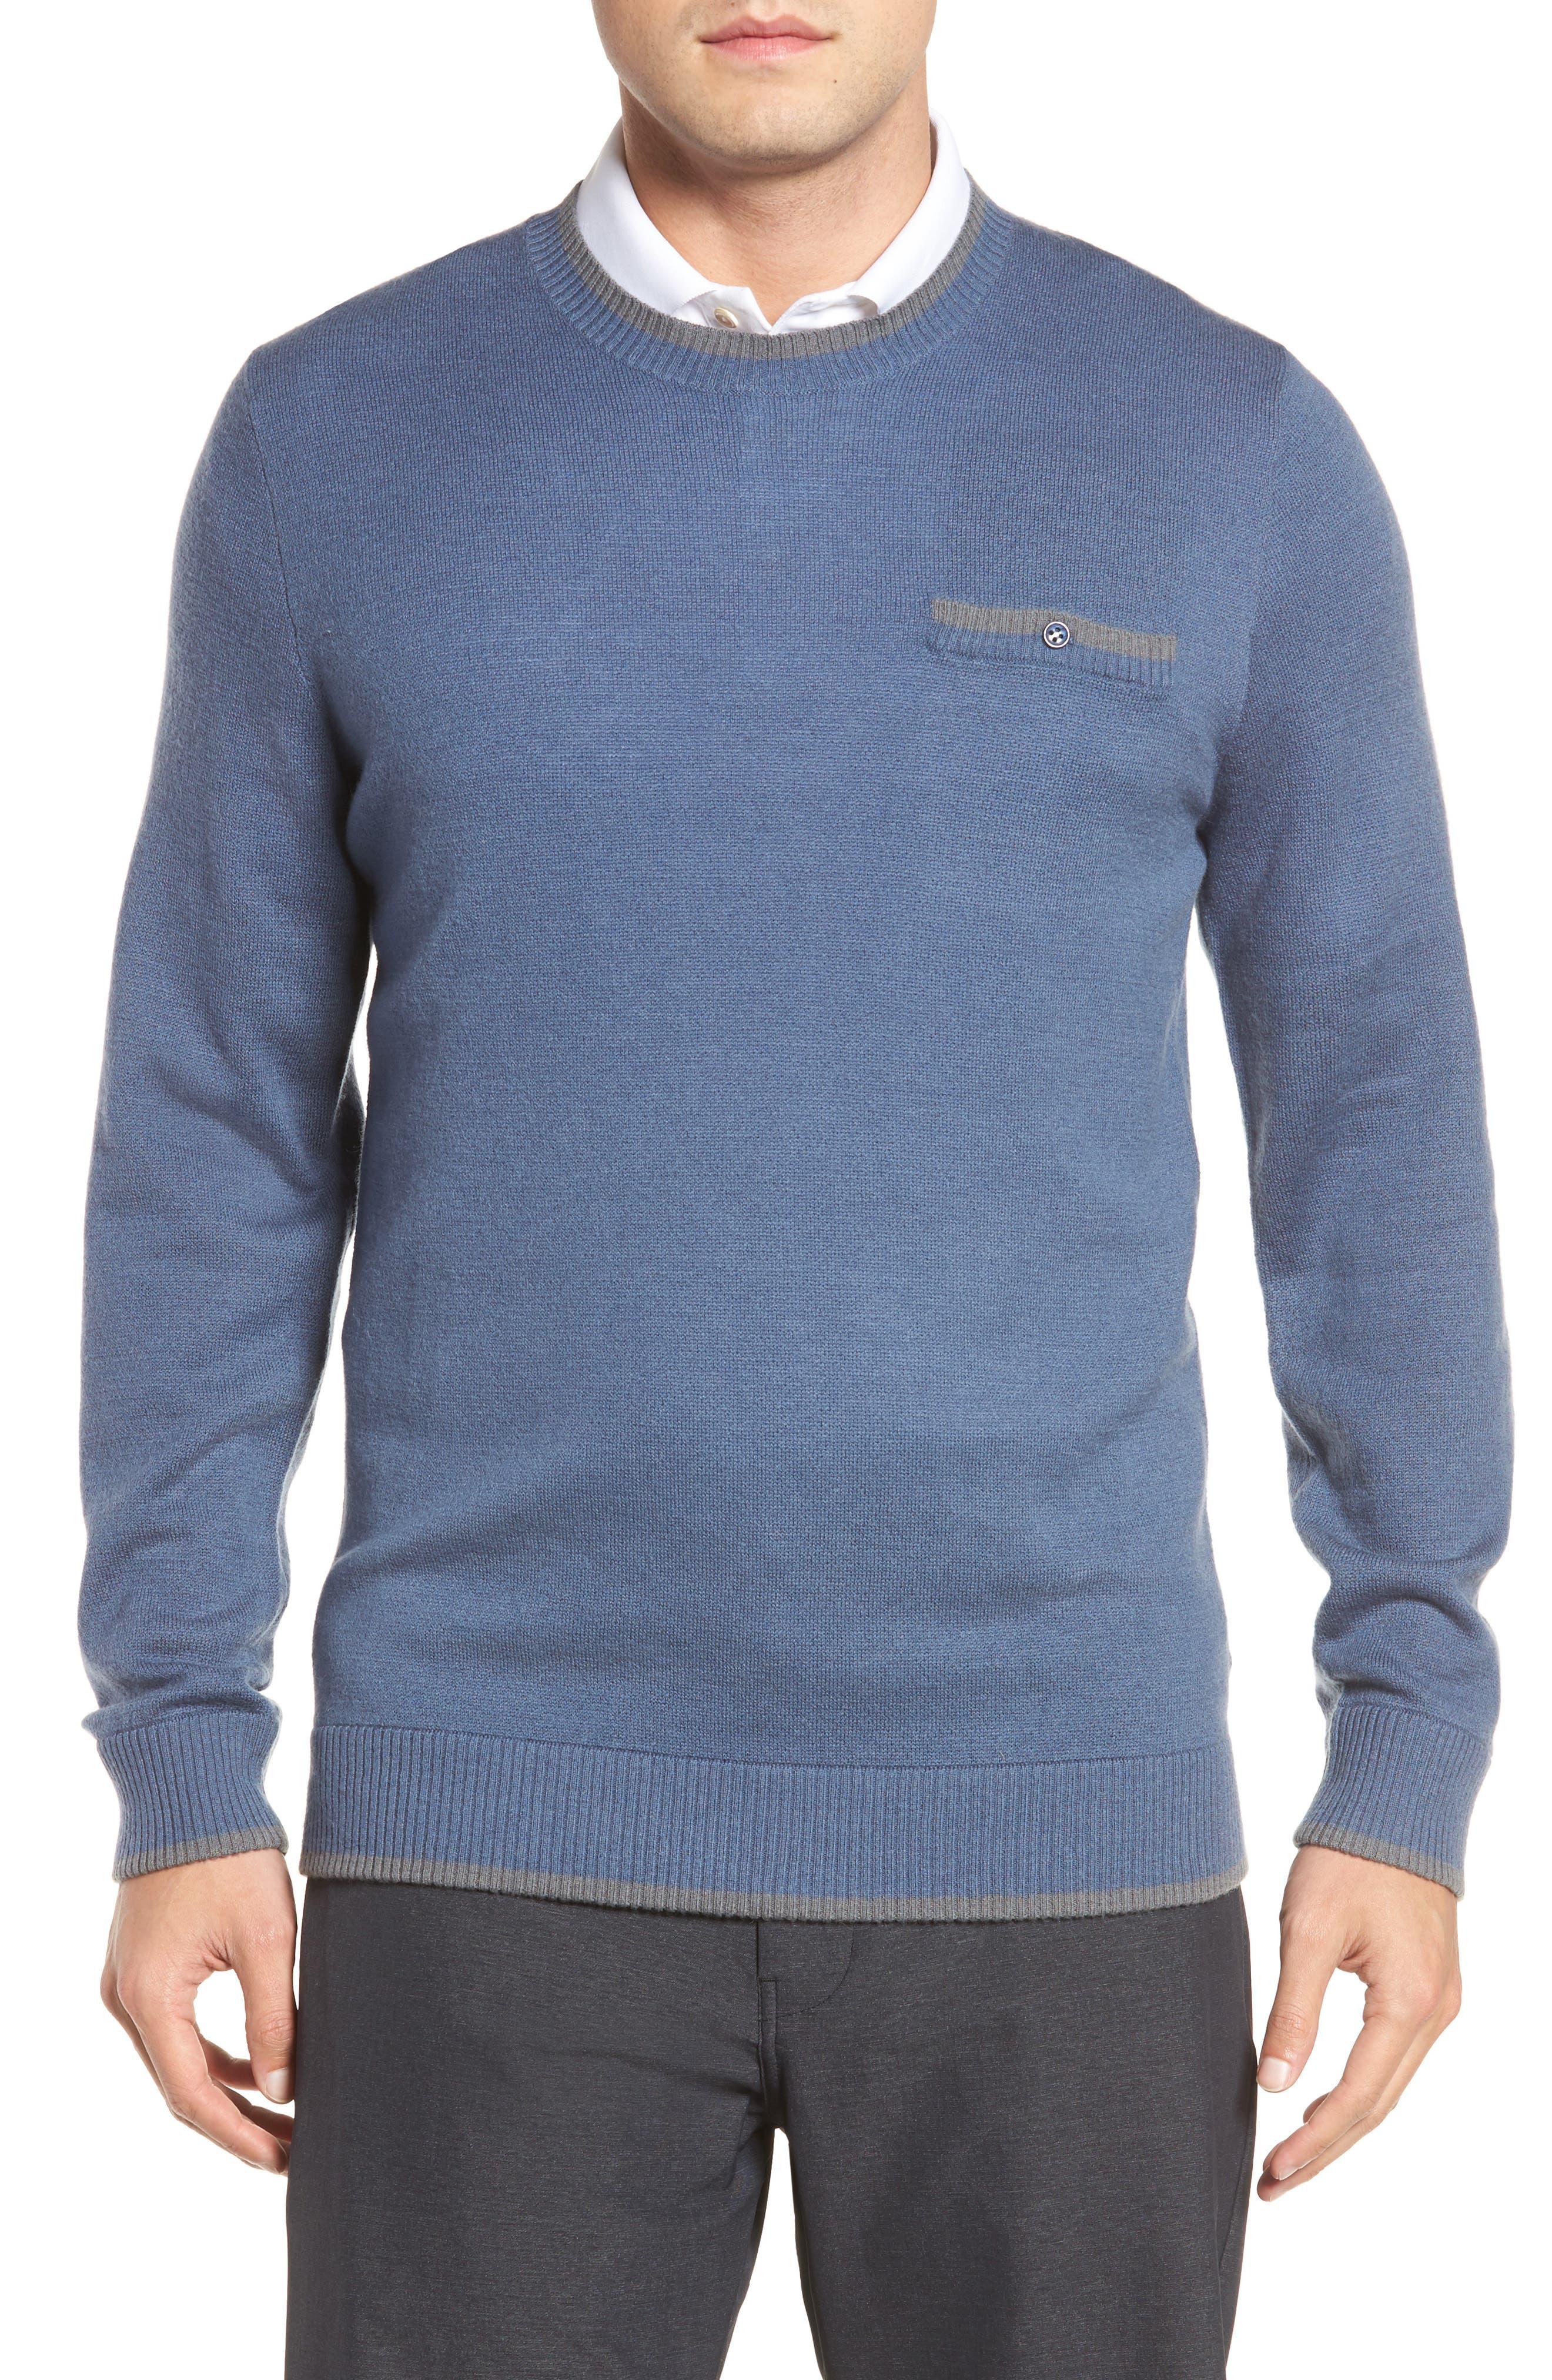 Main Image - Travis Mathew Paglia Wool Blend Sweater